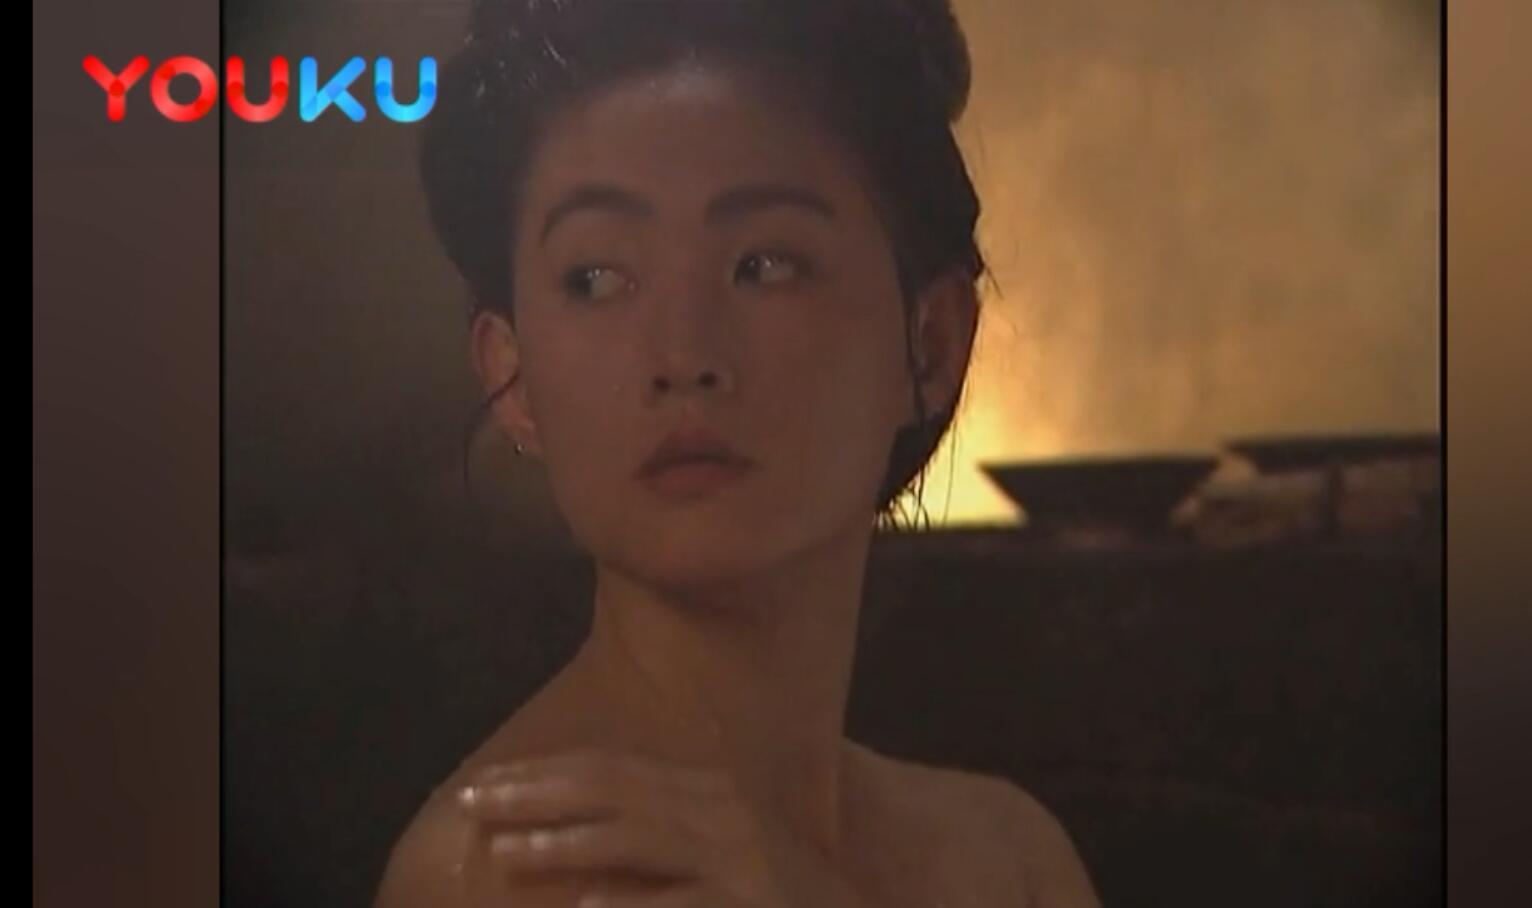 002潘金莲遇武松春意萌动,水浒传里最撩人的画面'/